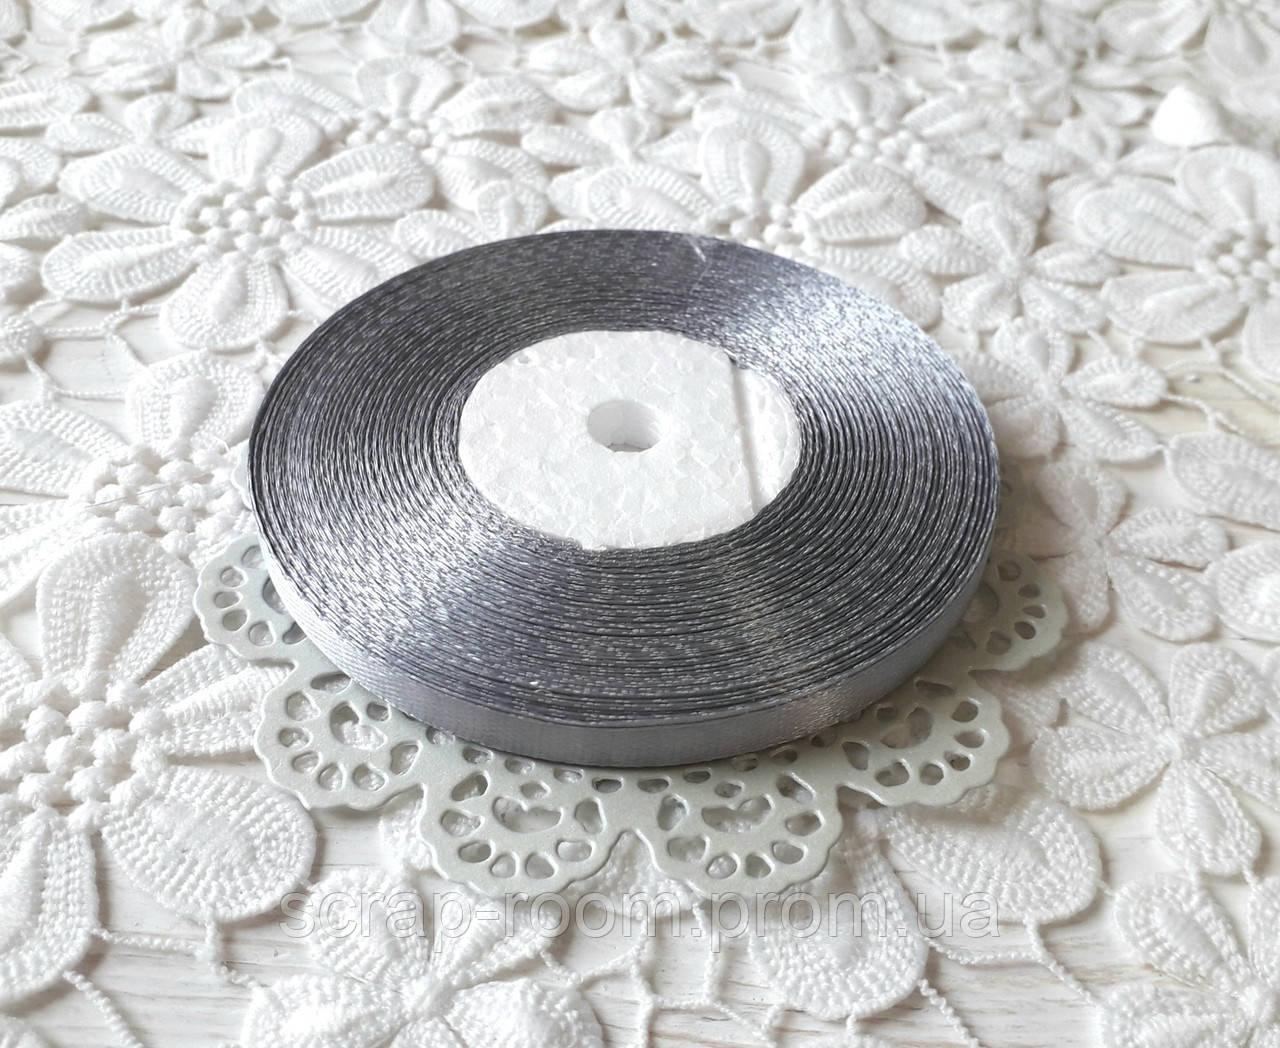 Лента атласная 0,6 см серебро, лента серебряный атлас, лента атласная цвет серебро, цена за метр